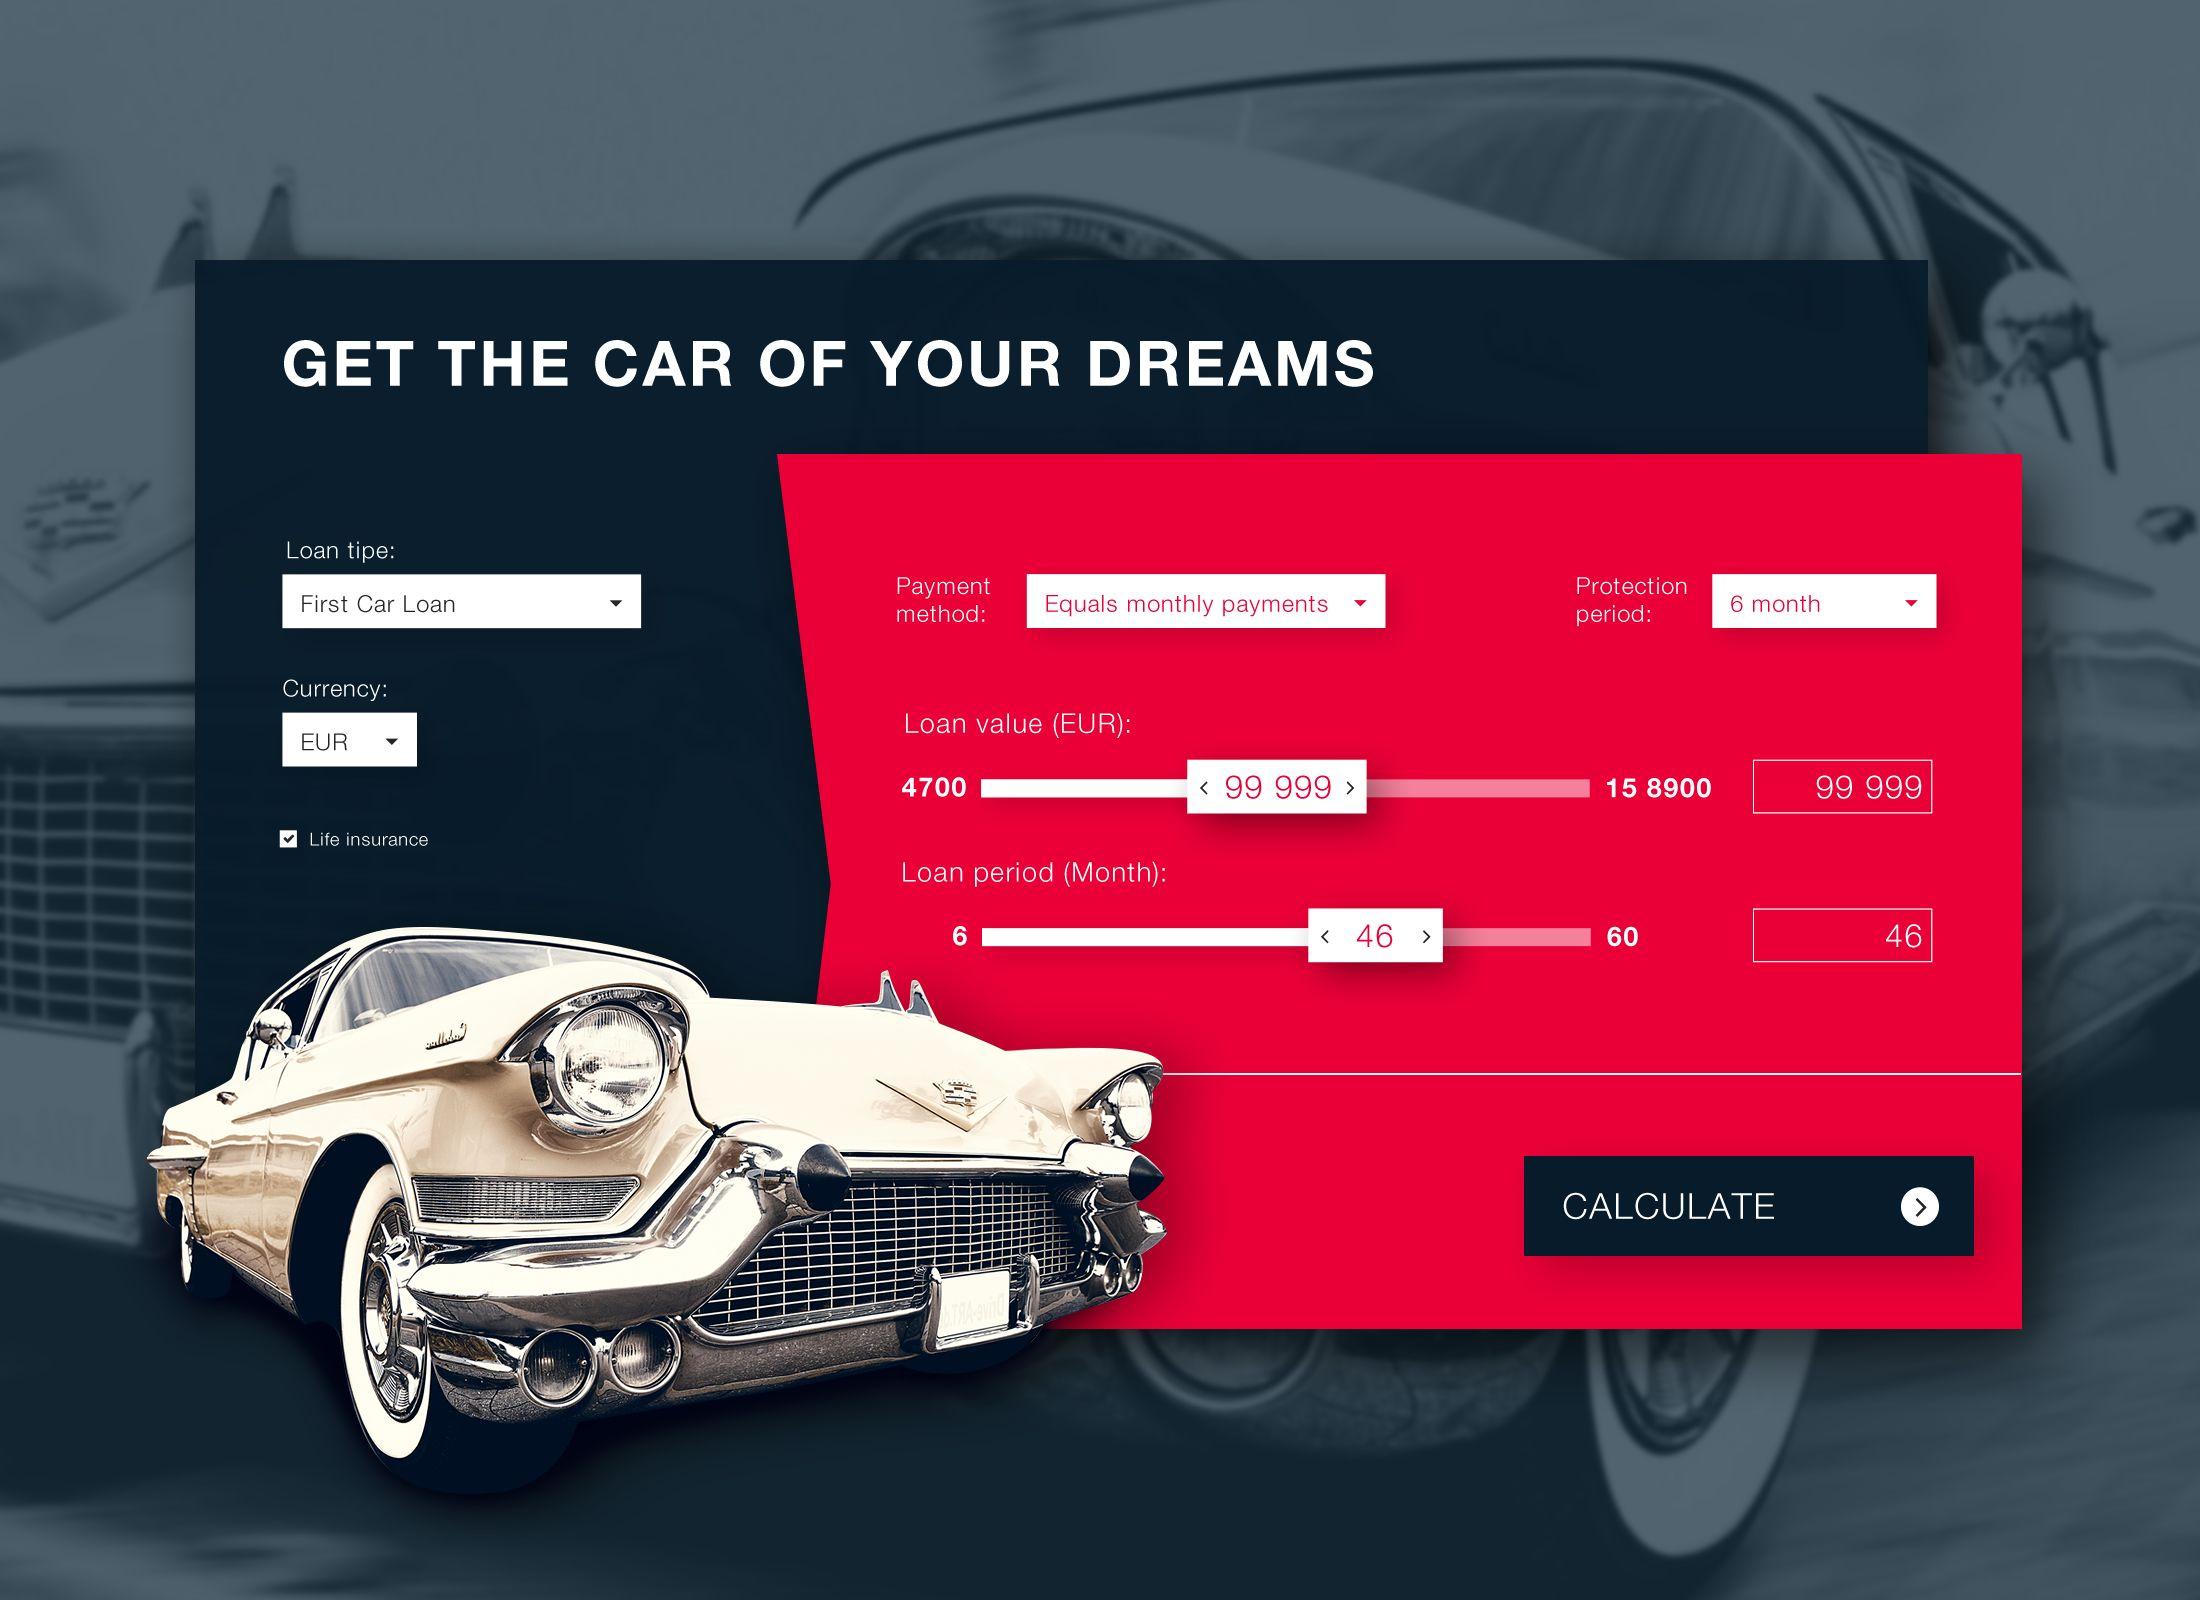 Car Loan Finance For Cars Loan Calculator Car Loans Car Finance